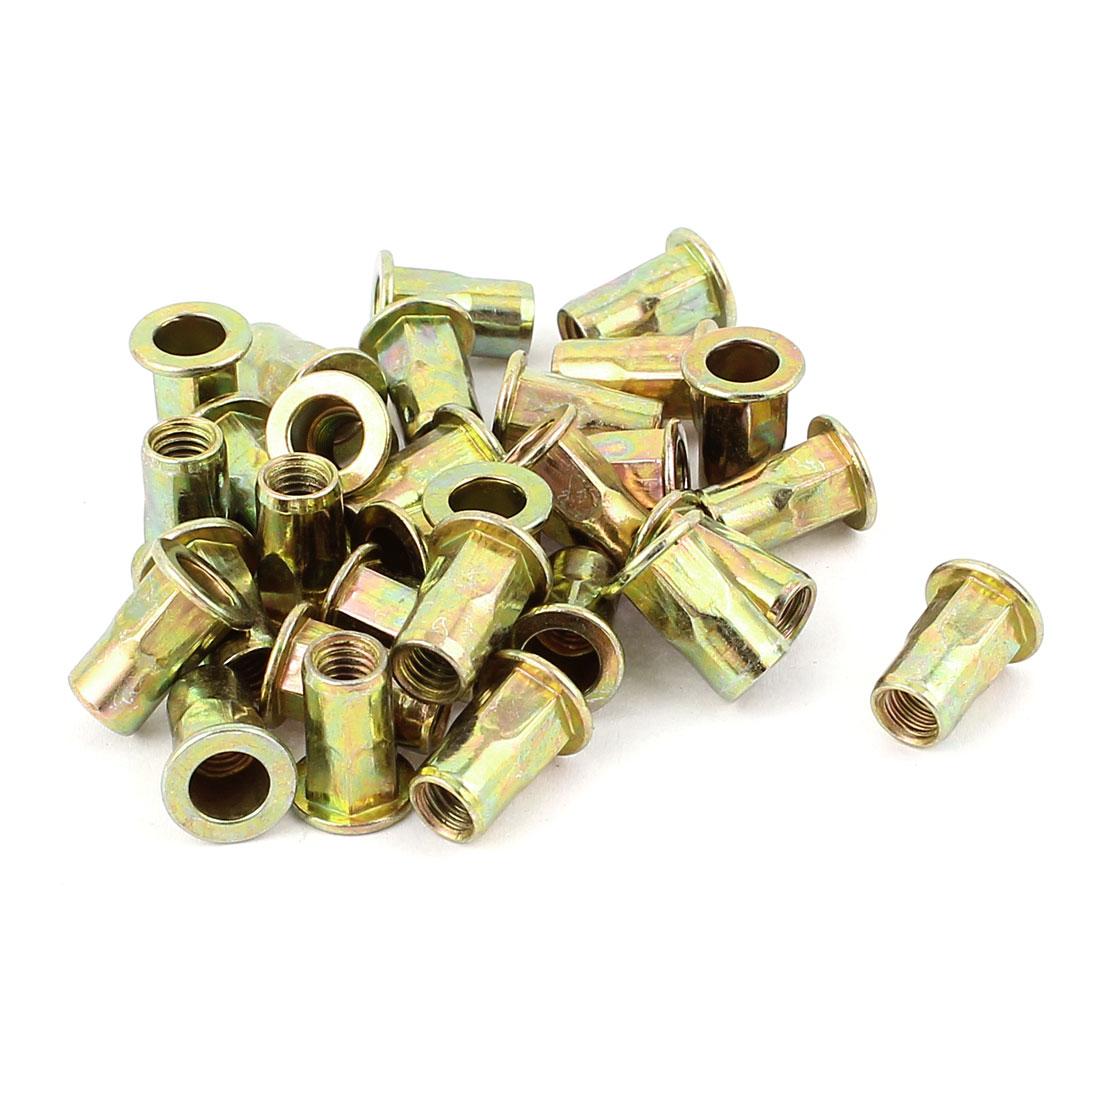 5mmx12.5mm Flat Head Metal Rivet Nut Insert Nutsert Gold Tone 30Pcs